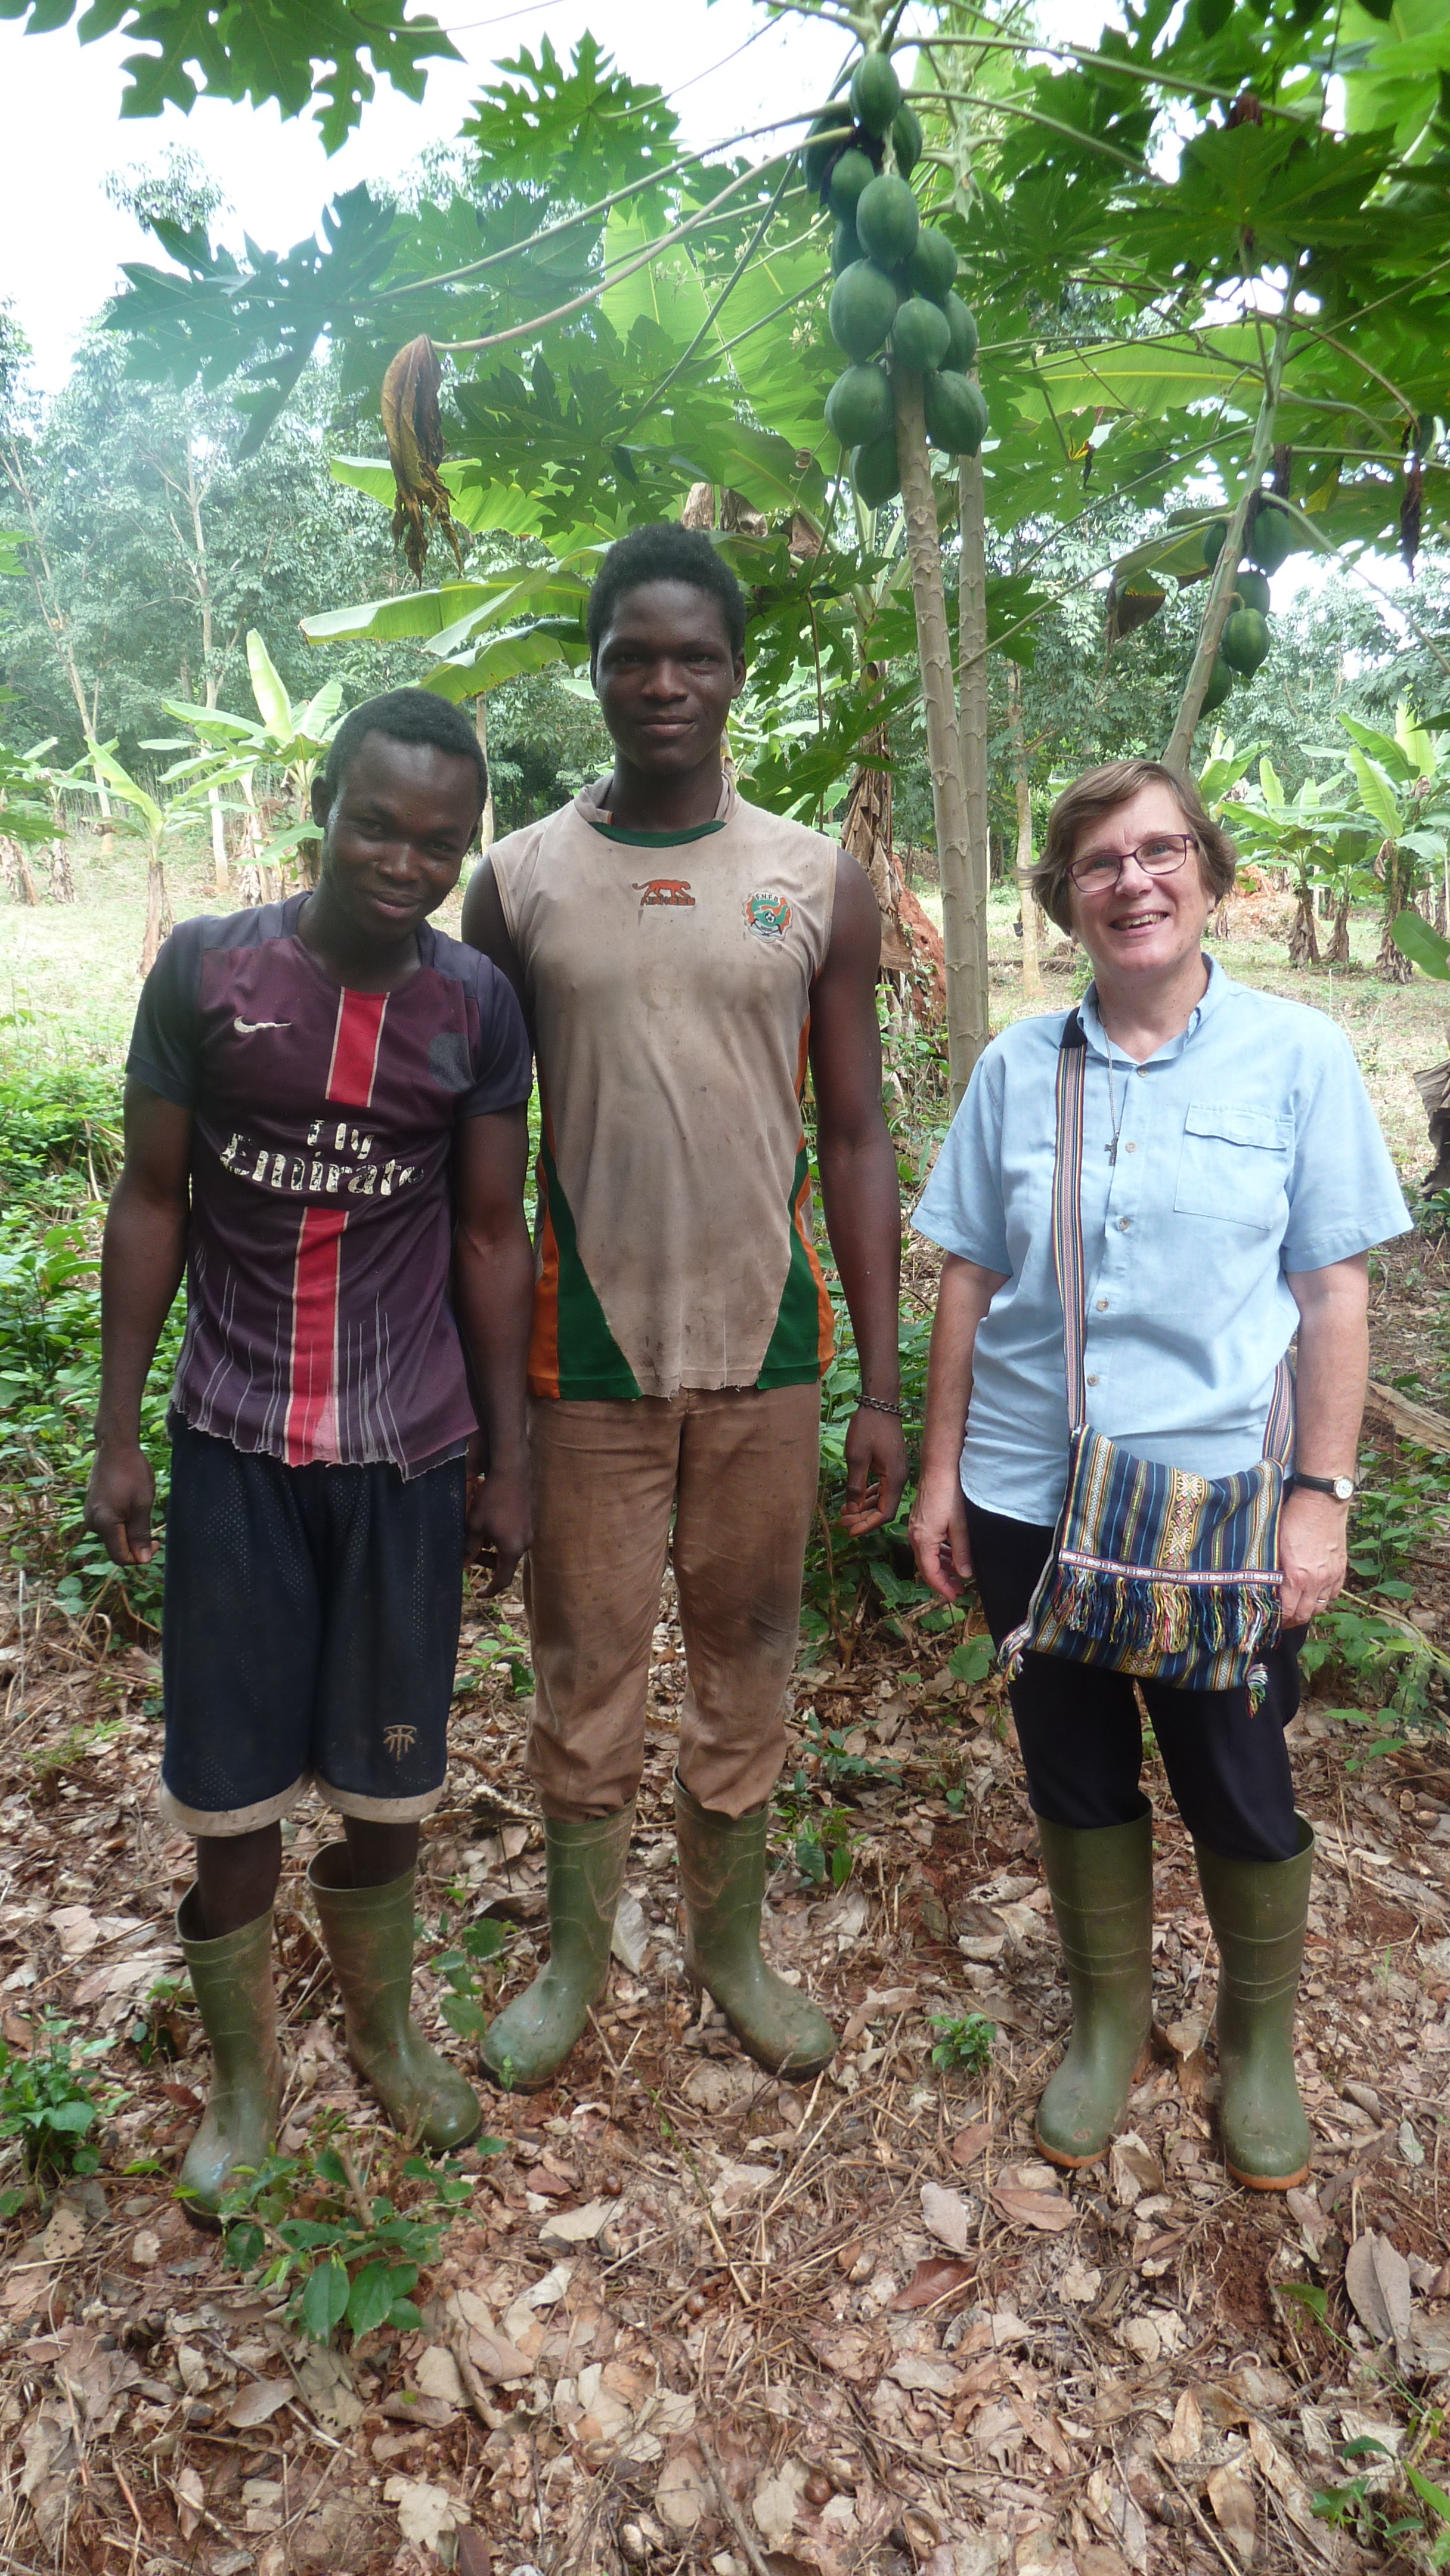 L'hévéaculture, une œuvre sociale et formatrice